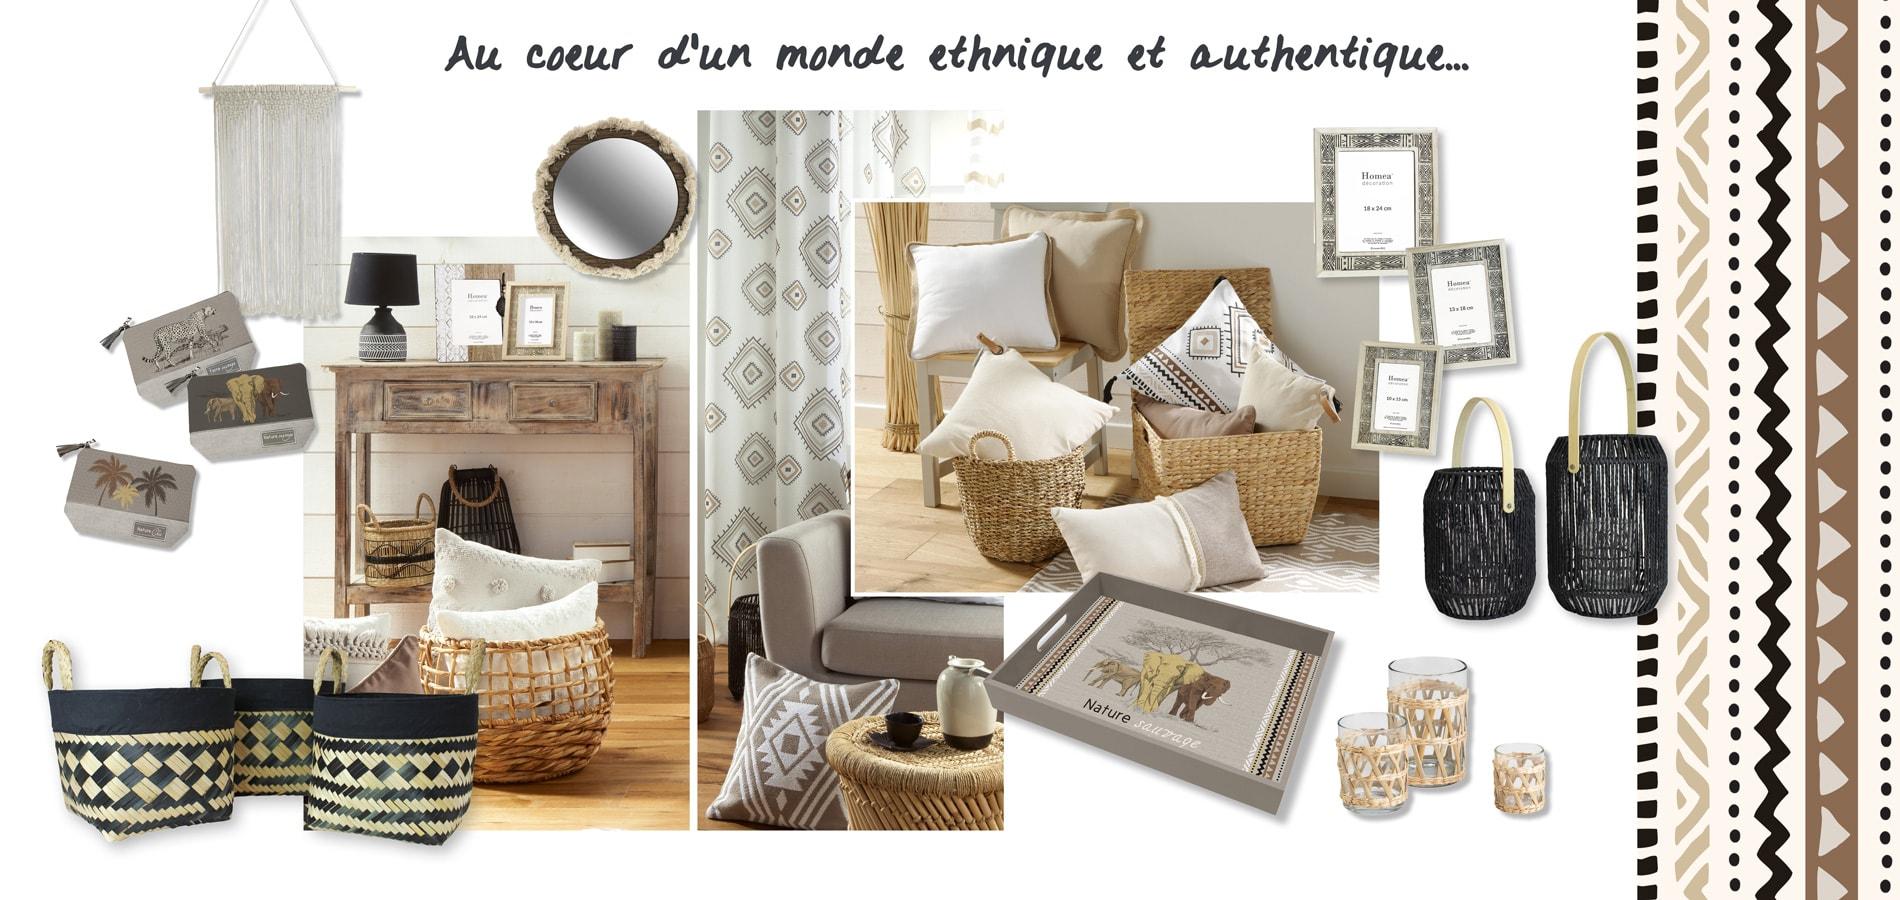 U10, fournisseur en decoration d'interieur - Homea, article de decoration - tendance ethnique - theme voyage berbere, horizon lointain